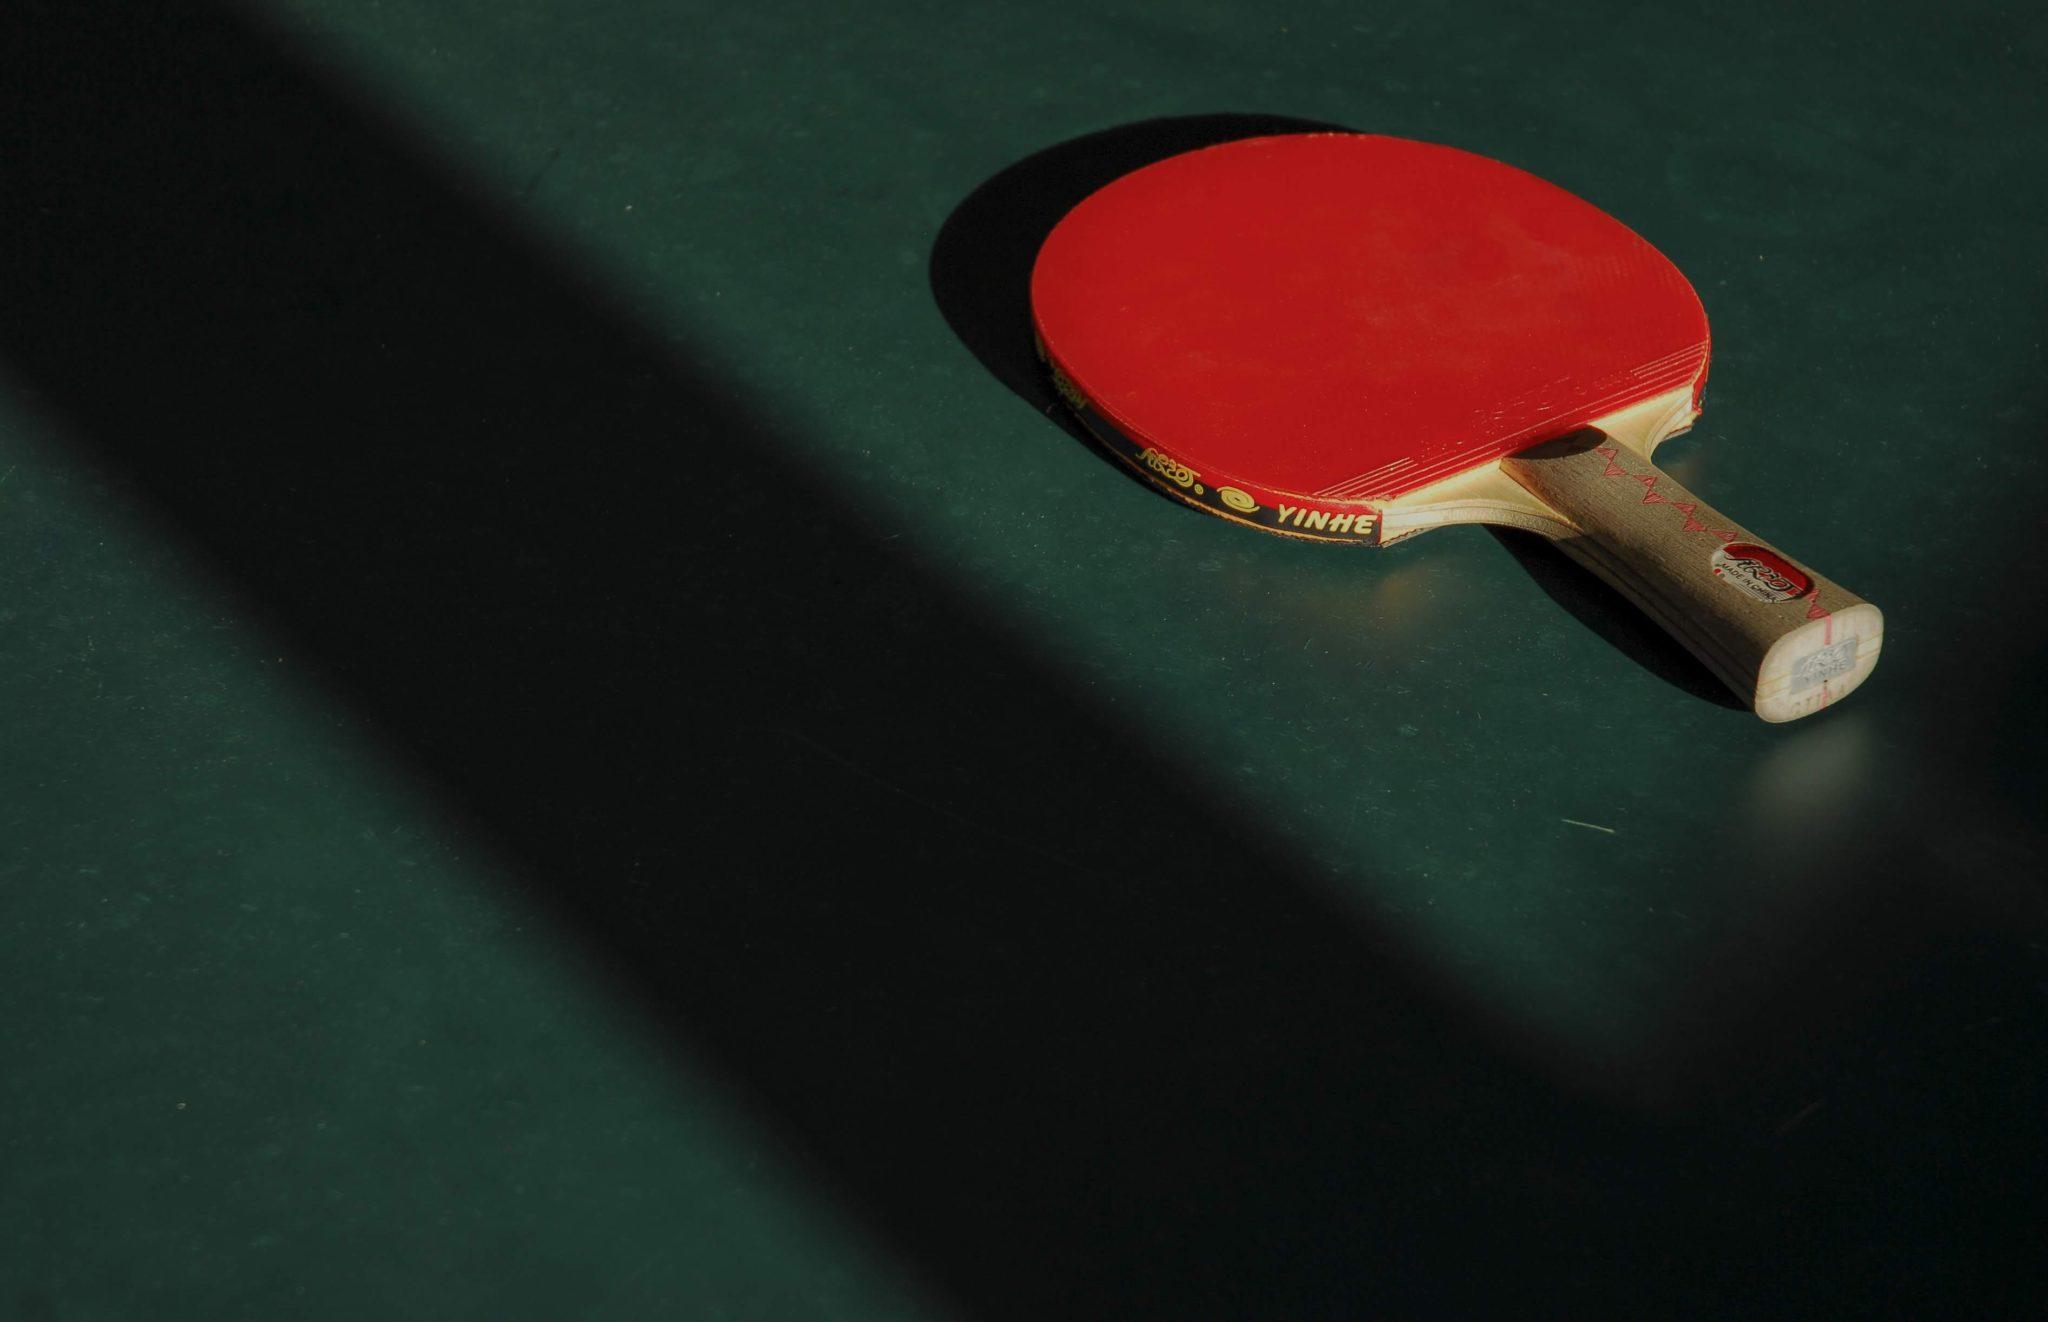 Begegnungstreffen - Tischtennis & Kubb